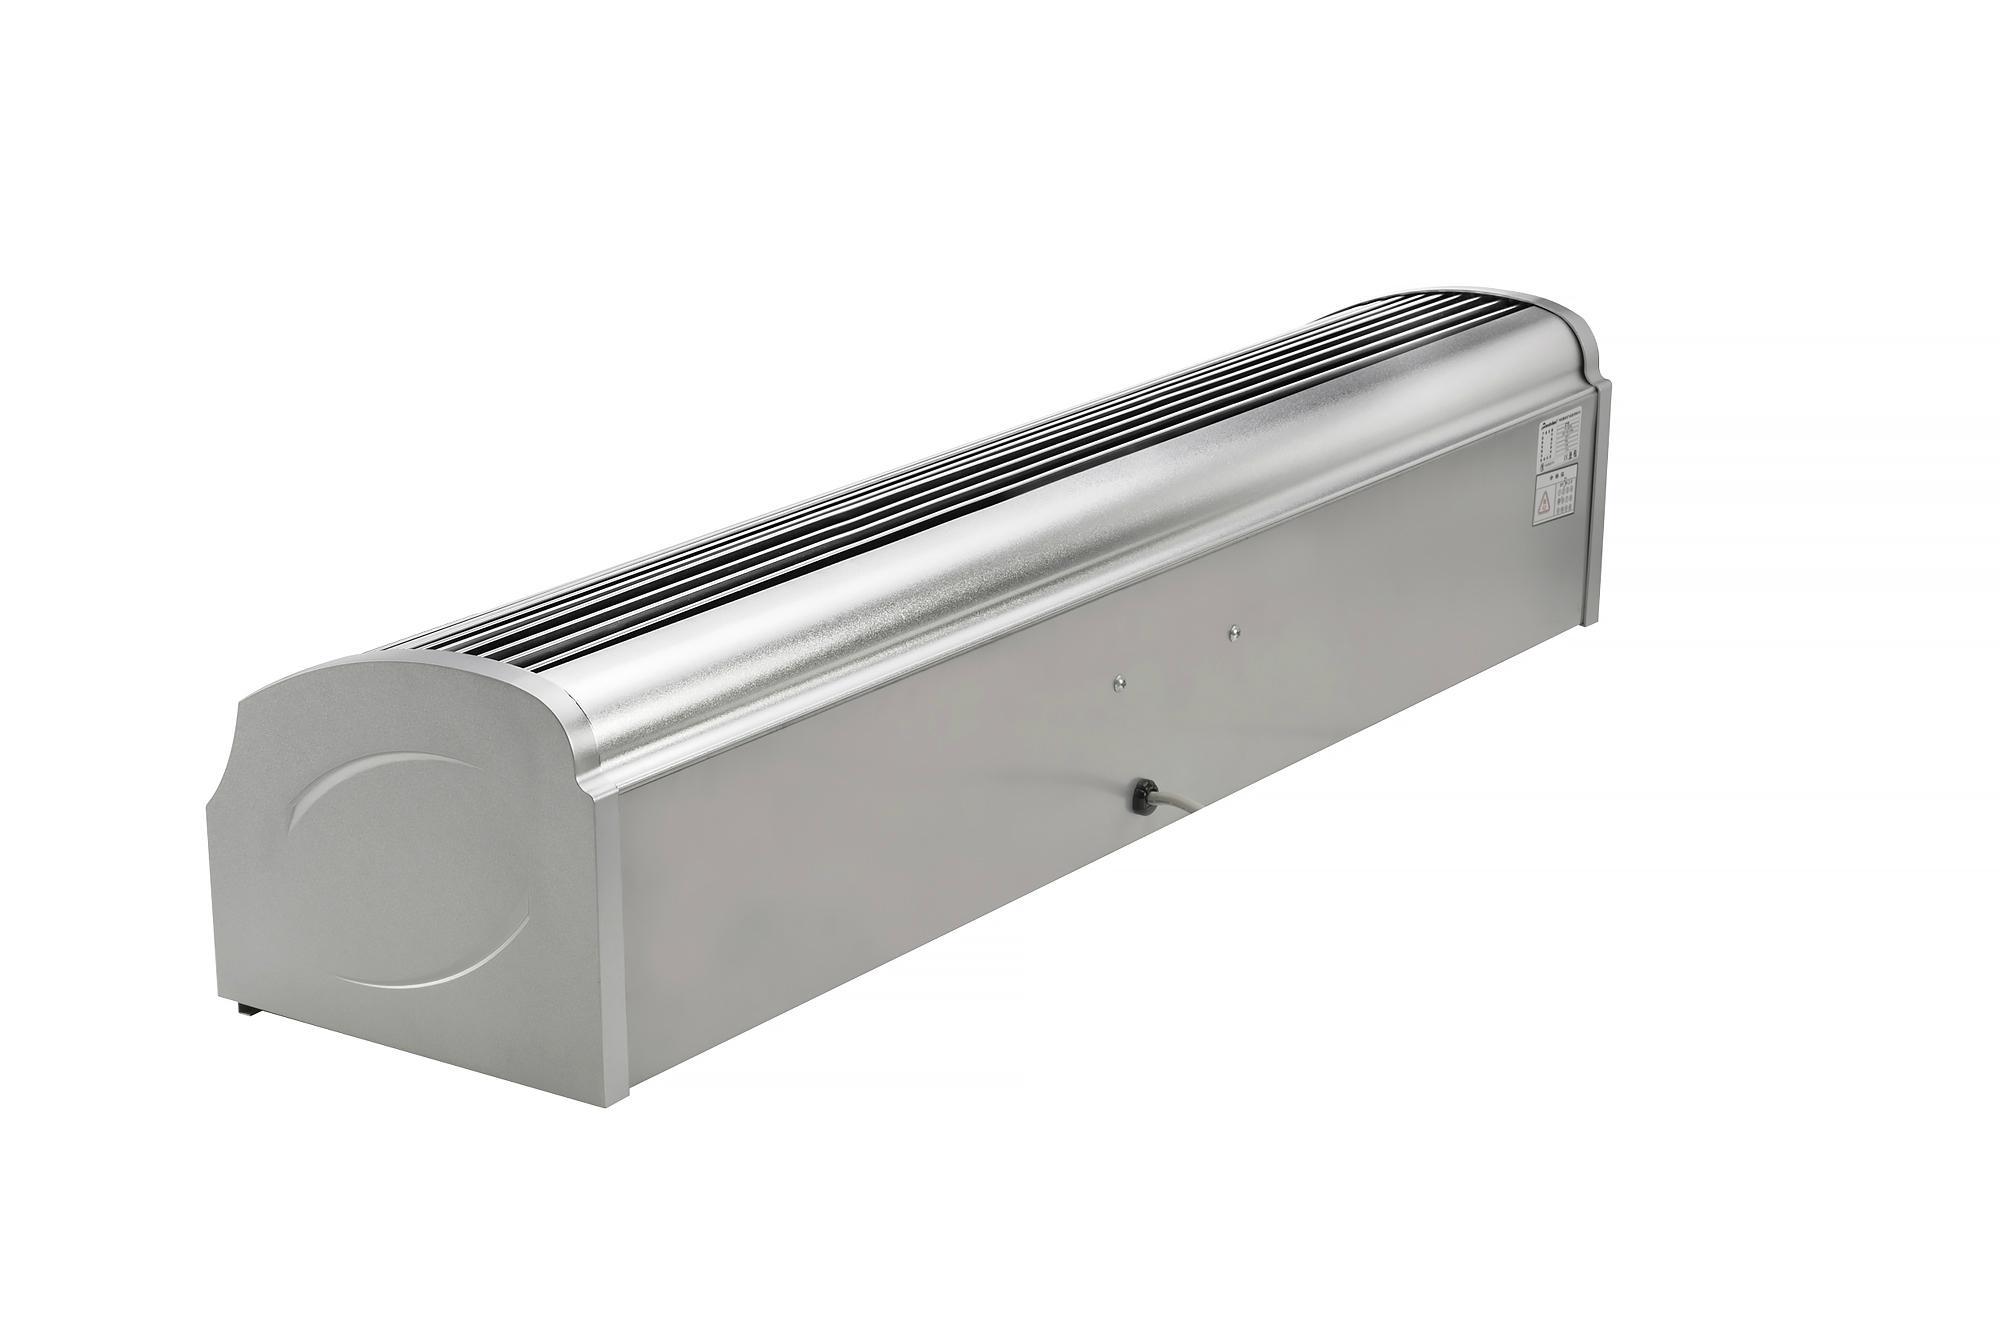 西奥多风幕机RM-1209S-3D/Y5G热风幕 3